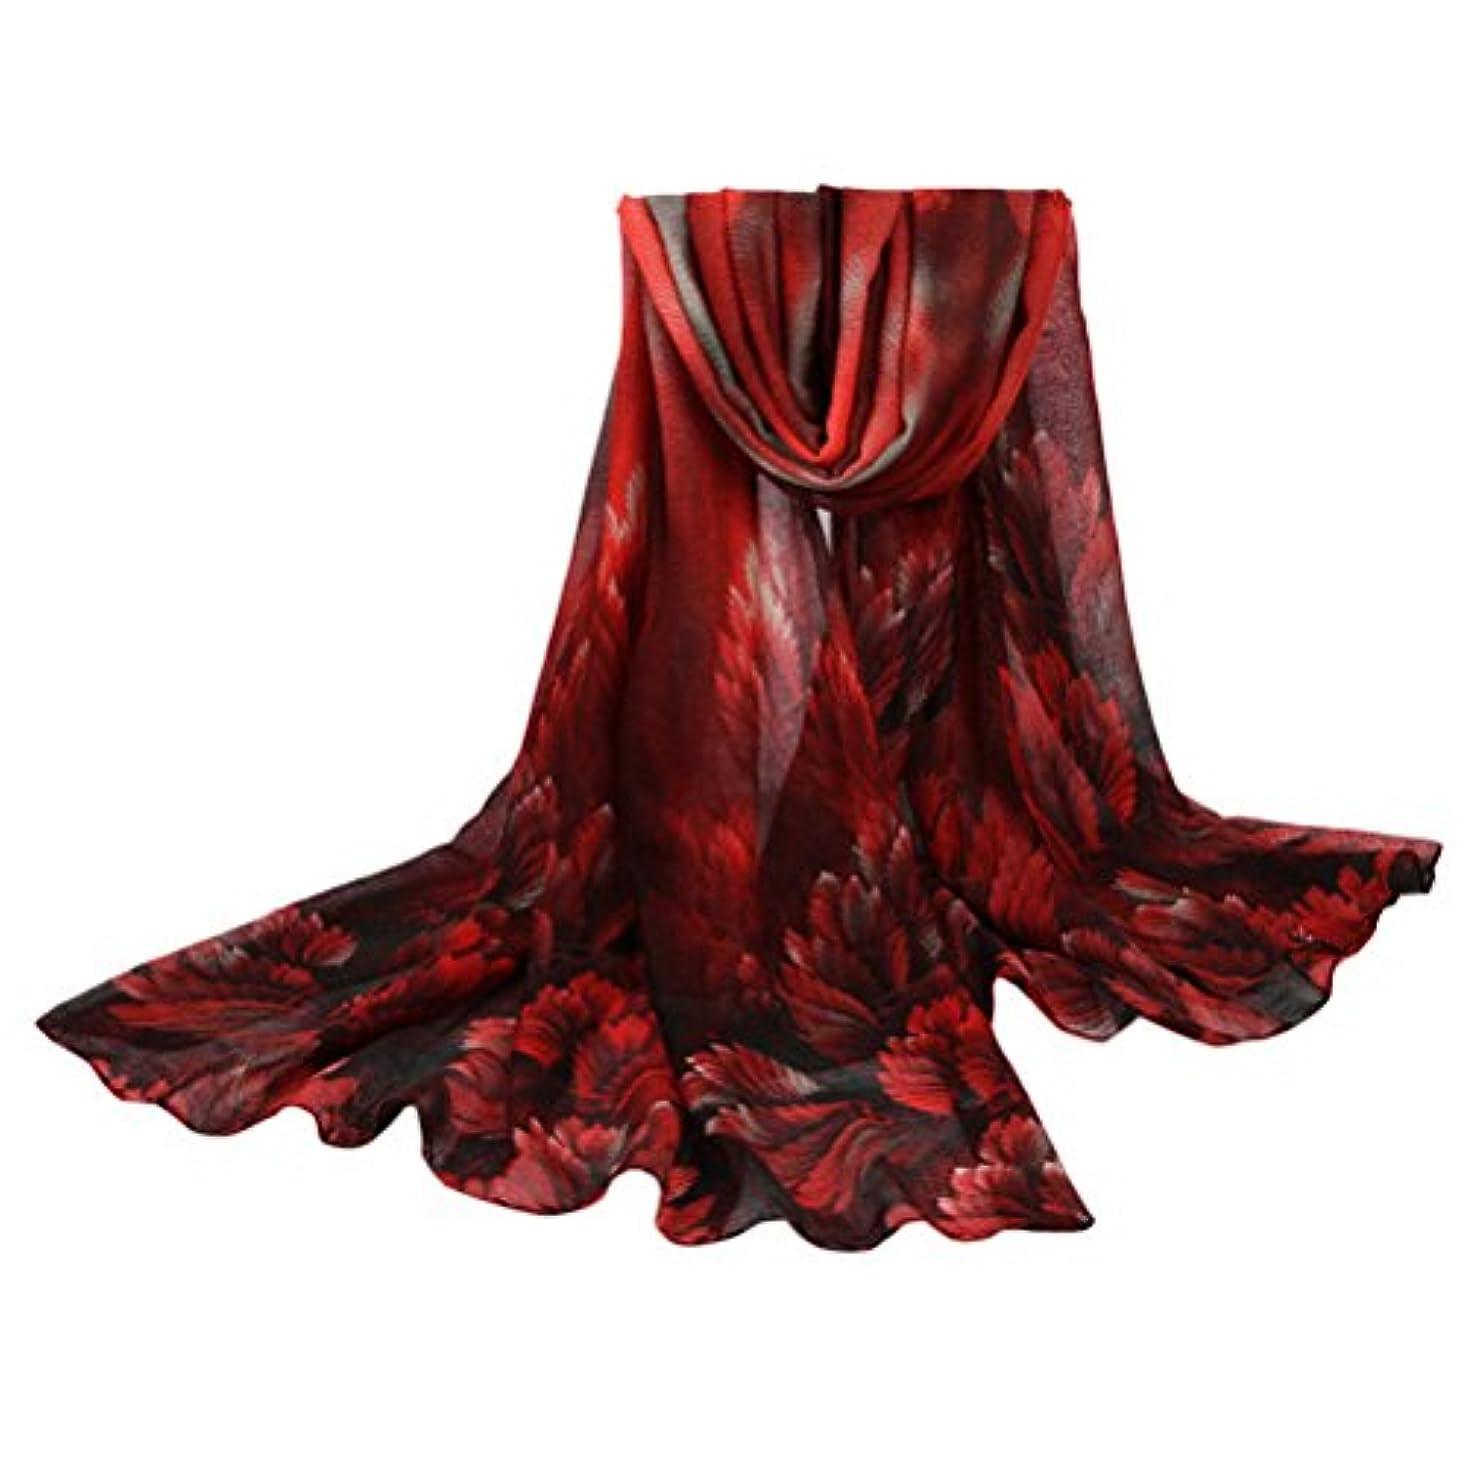 体現するアルネロマンスZhuhaitf Vintage Design Watercolor Coral Floral スタイリッシュ Scarf Neck Wrap Womens Sarong Shawls for Winter